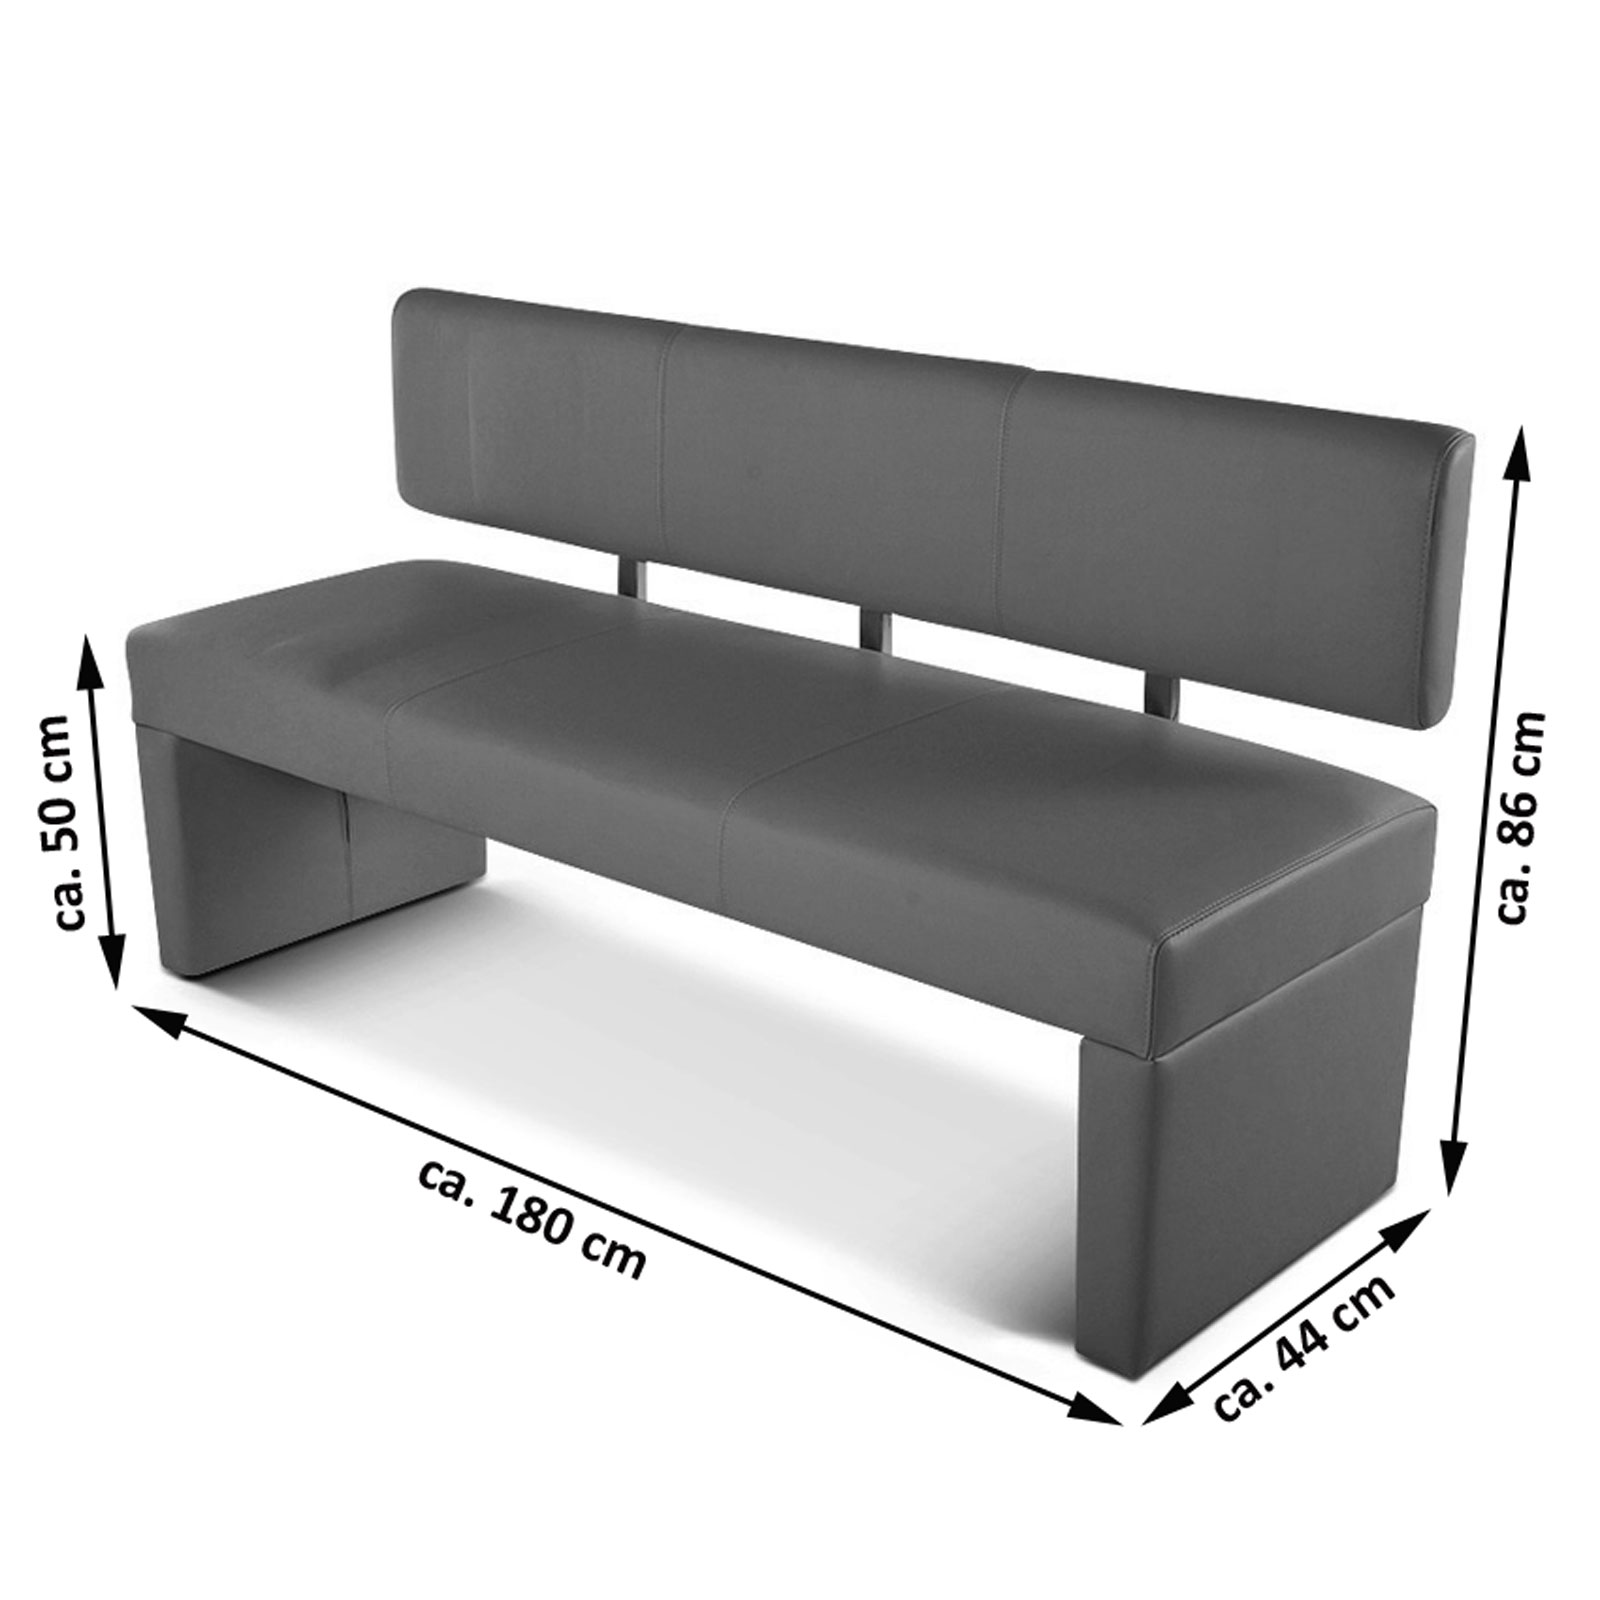 sam esszimmerbank 180 cm wei recyceltes leder selena demn chst. Black Bedroom Furniture Sets. Home Design Ideas